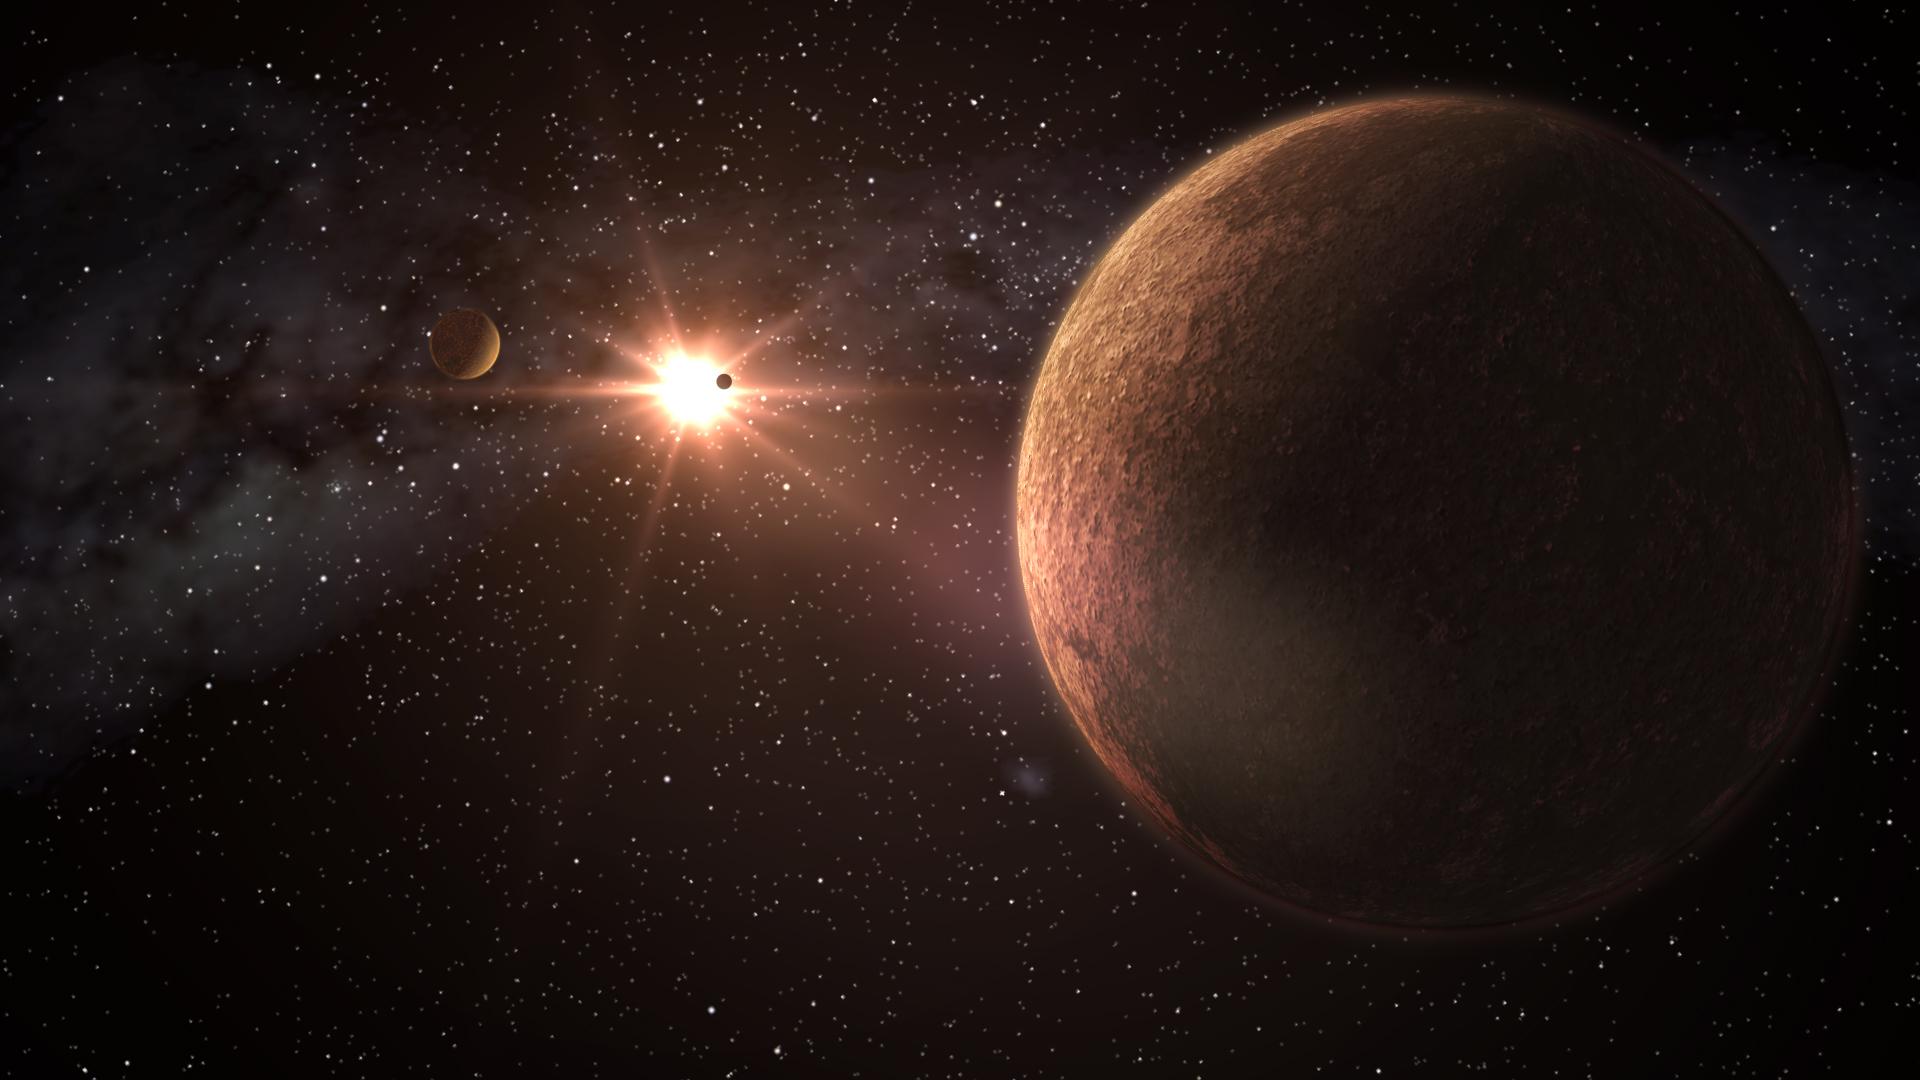 Premio Nobel de Física 2019 a descubridores de exoplanetas